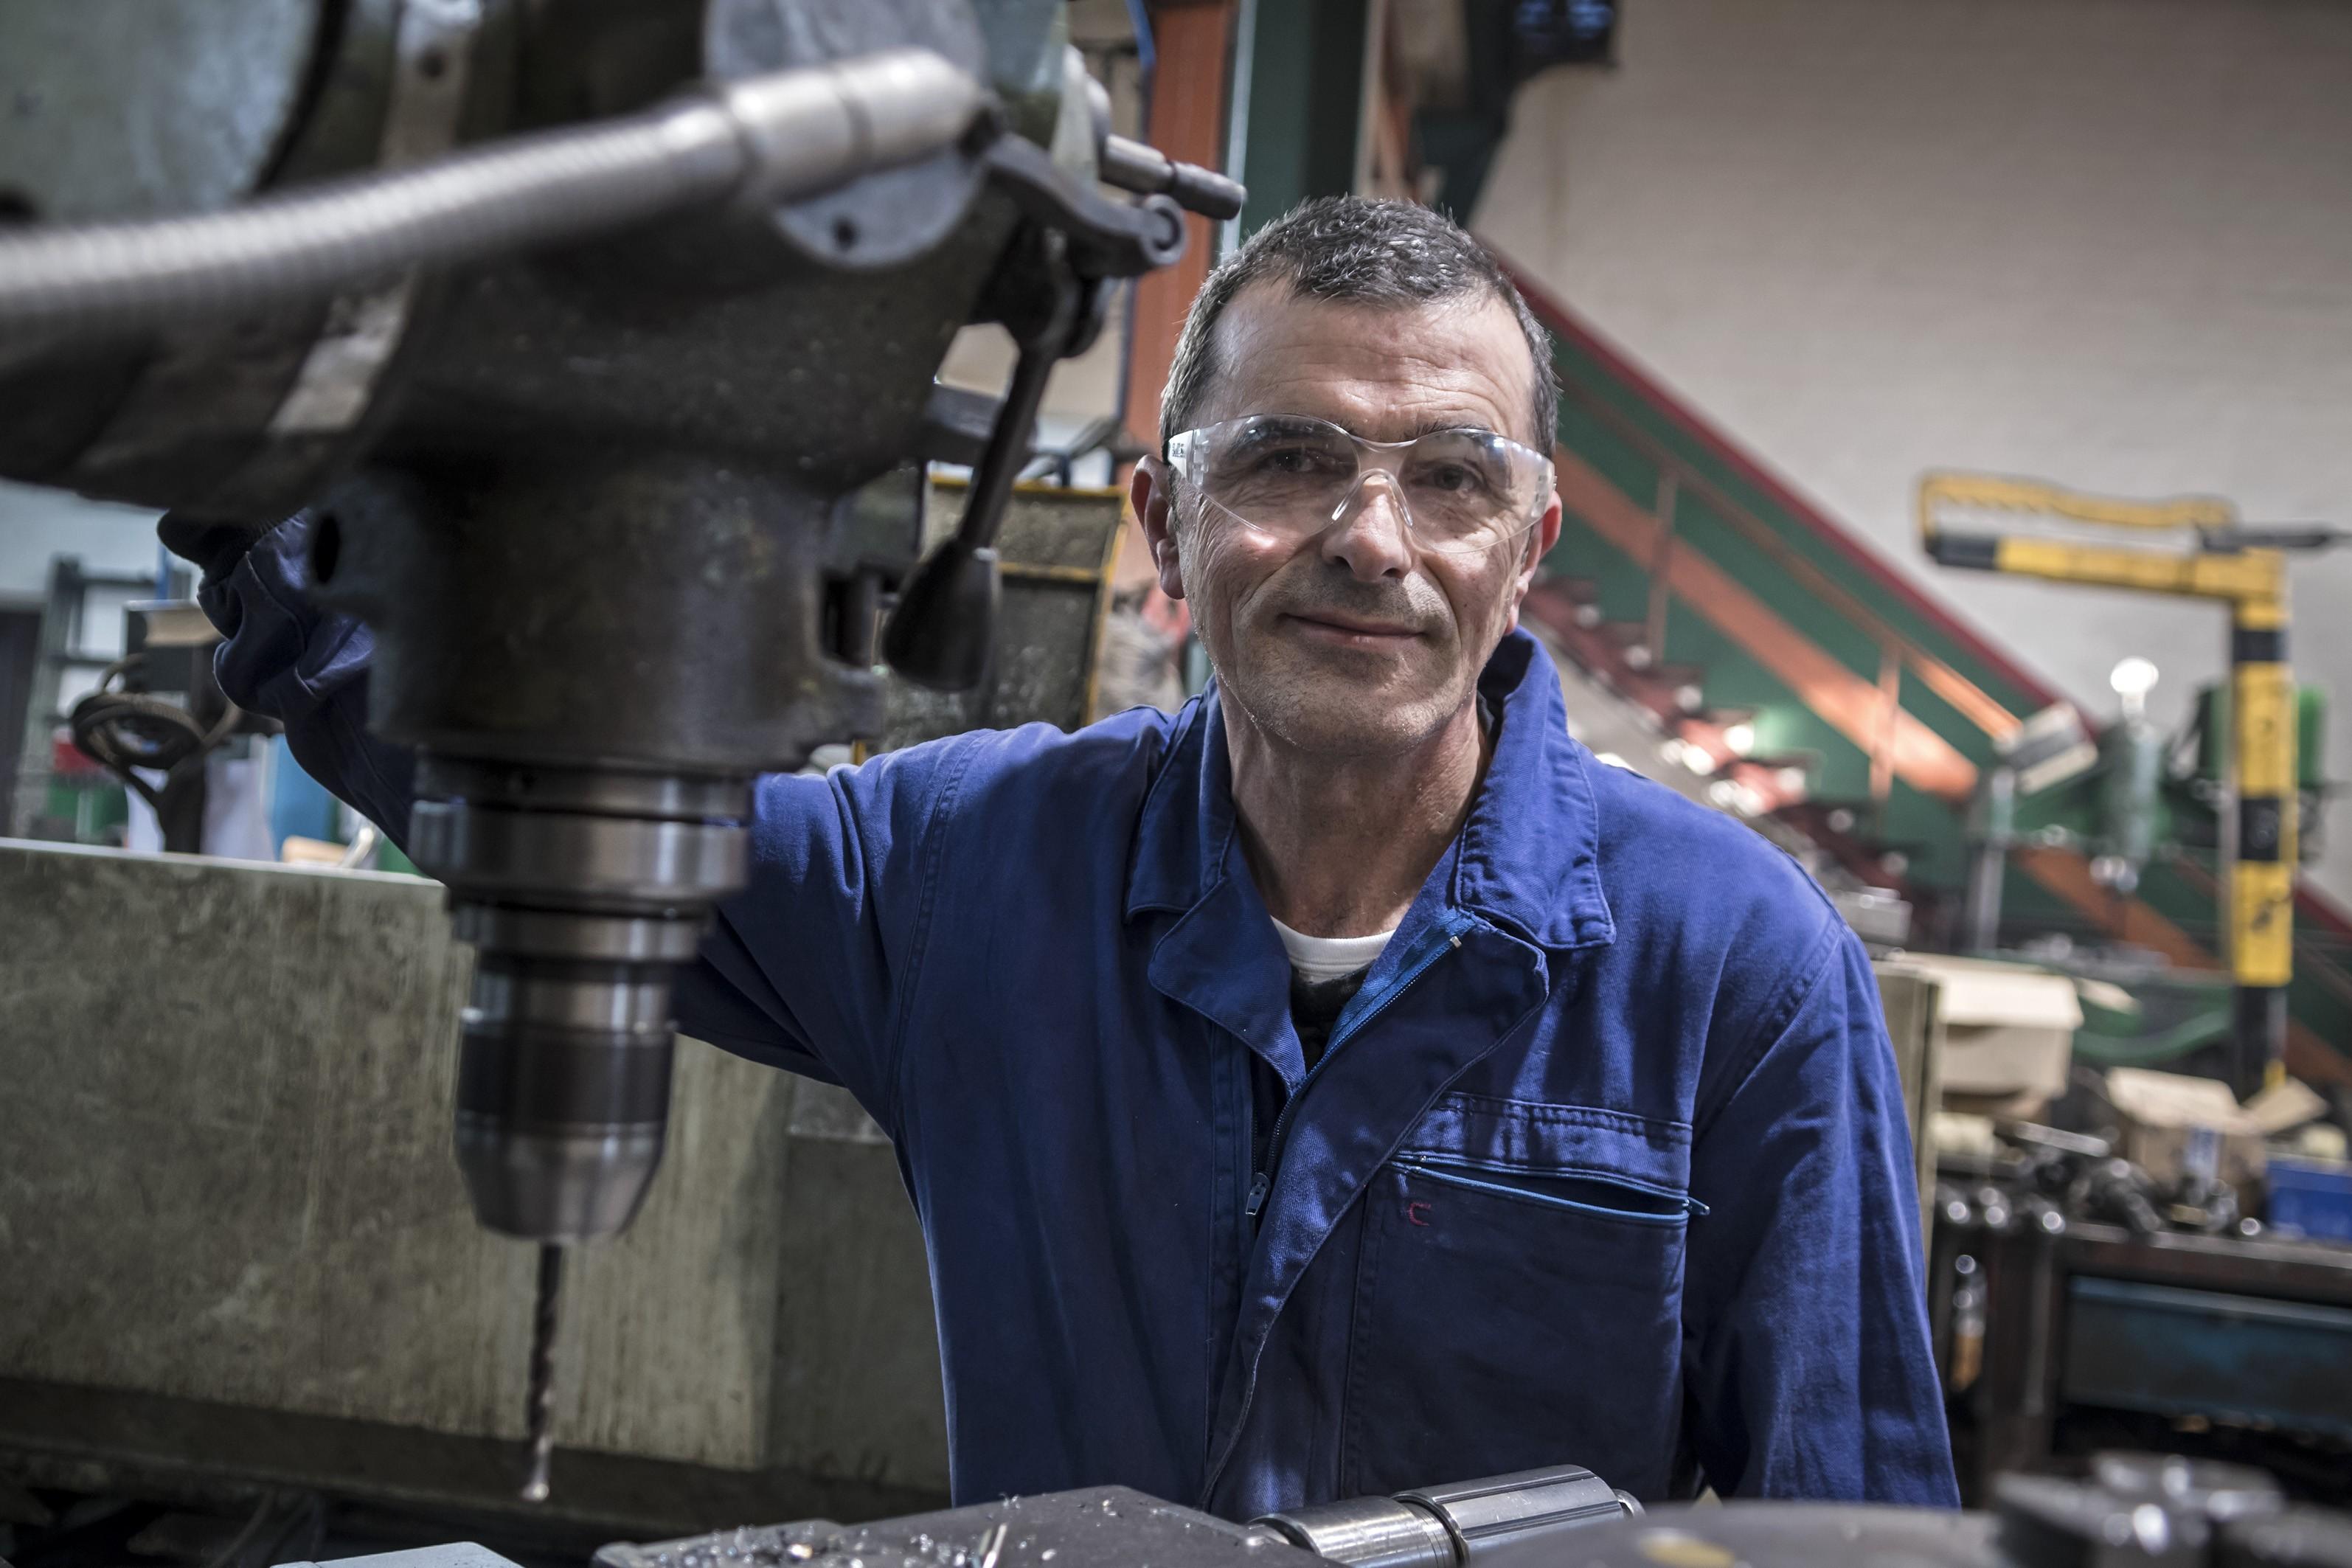 Primer plano de Carlos Remiro López, tornero fresador en su taller